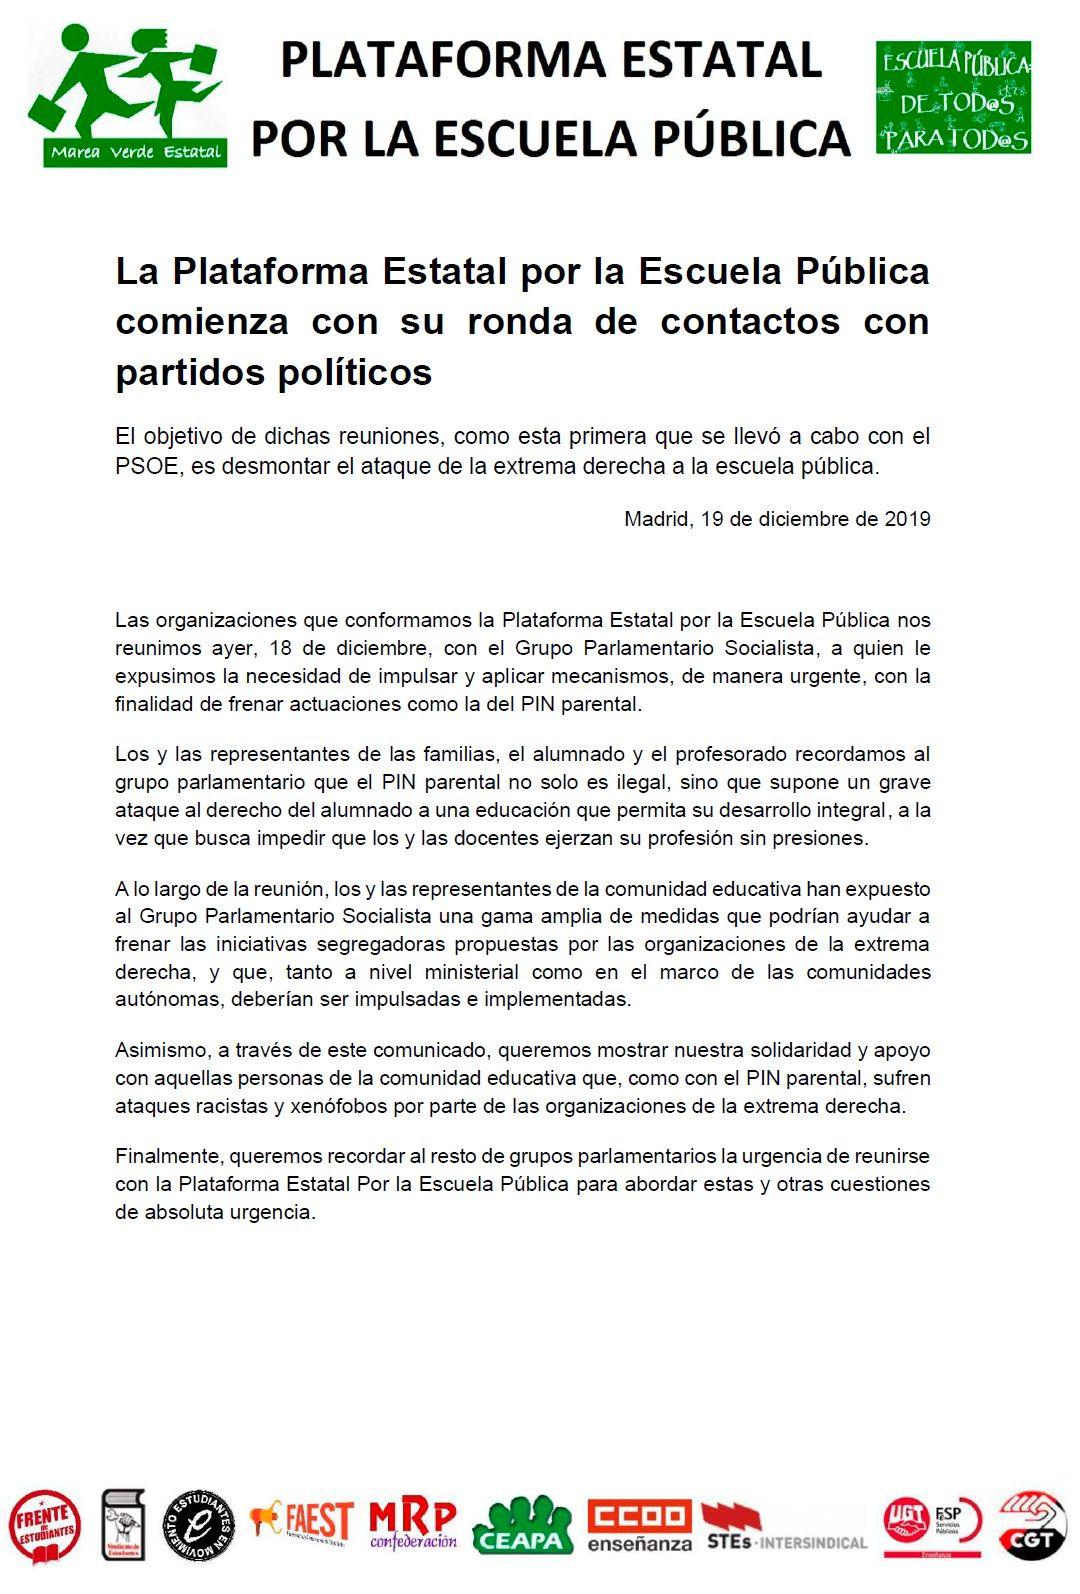 Nota-de-prensa-Plataforma-Estatal-por-la-Escuela-Pública-19-12-2019